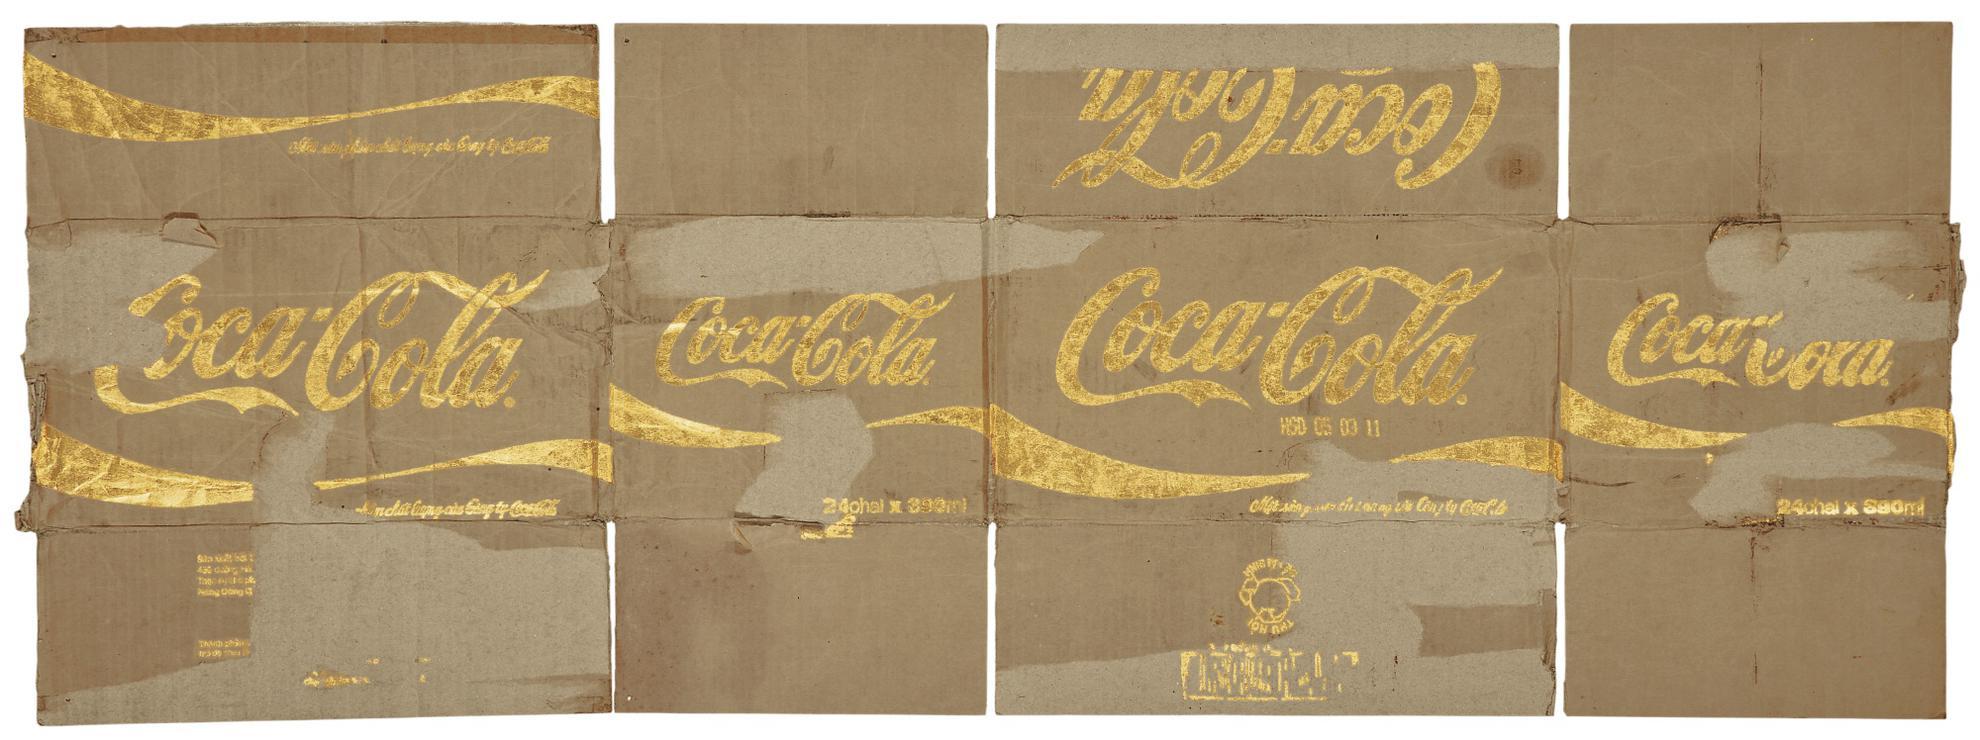 Danh Vo-Coca-Cola-2011